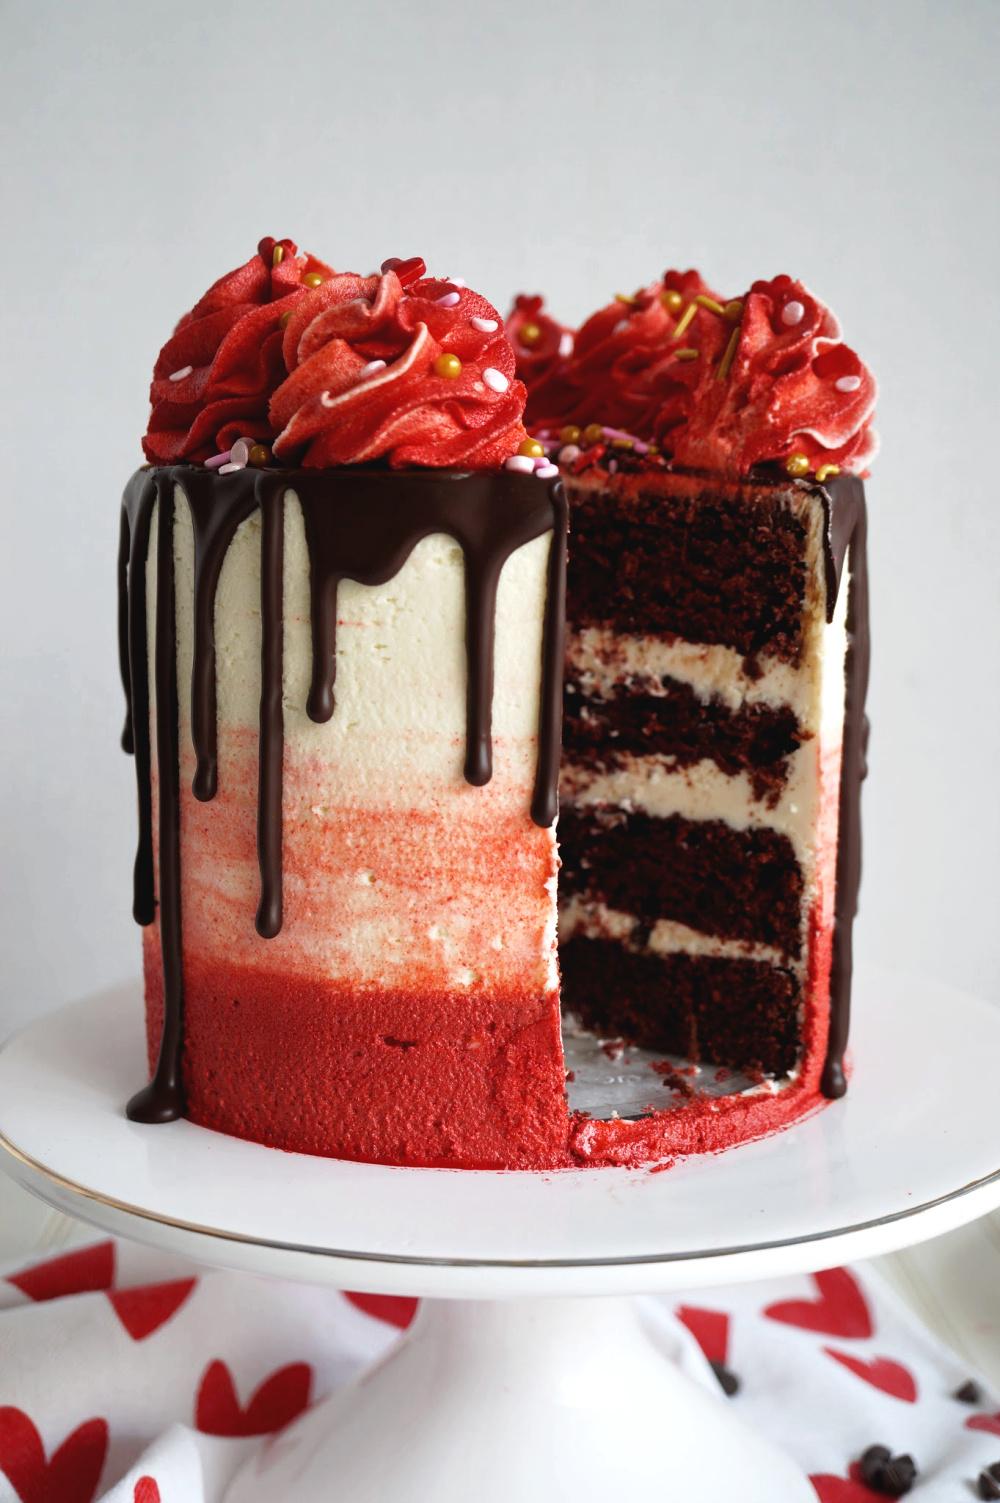 red velvet cake with slice cut